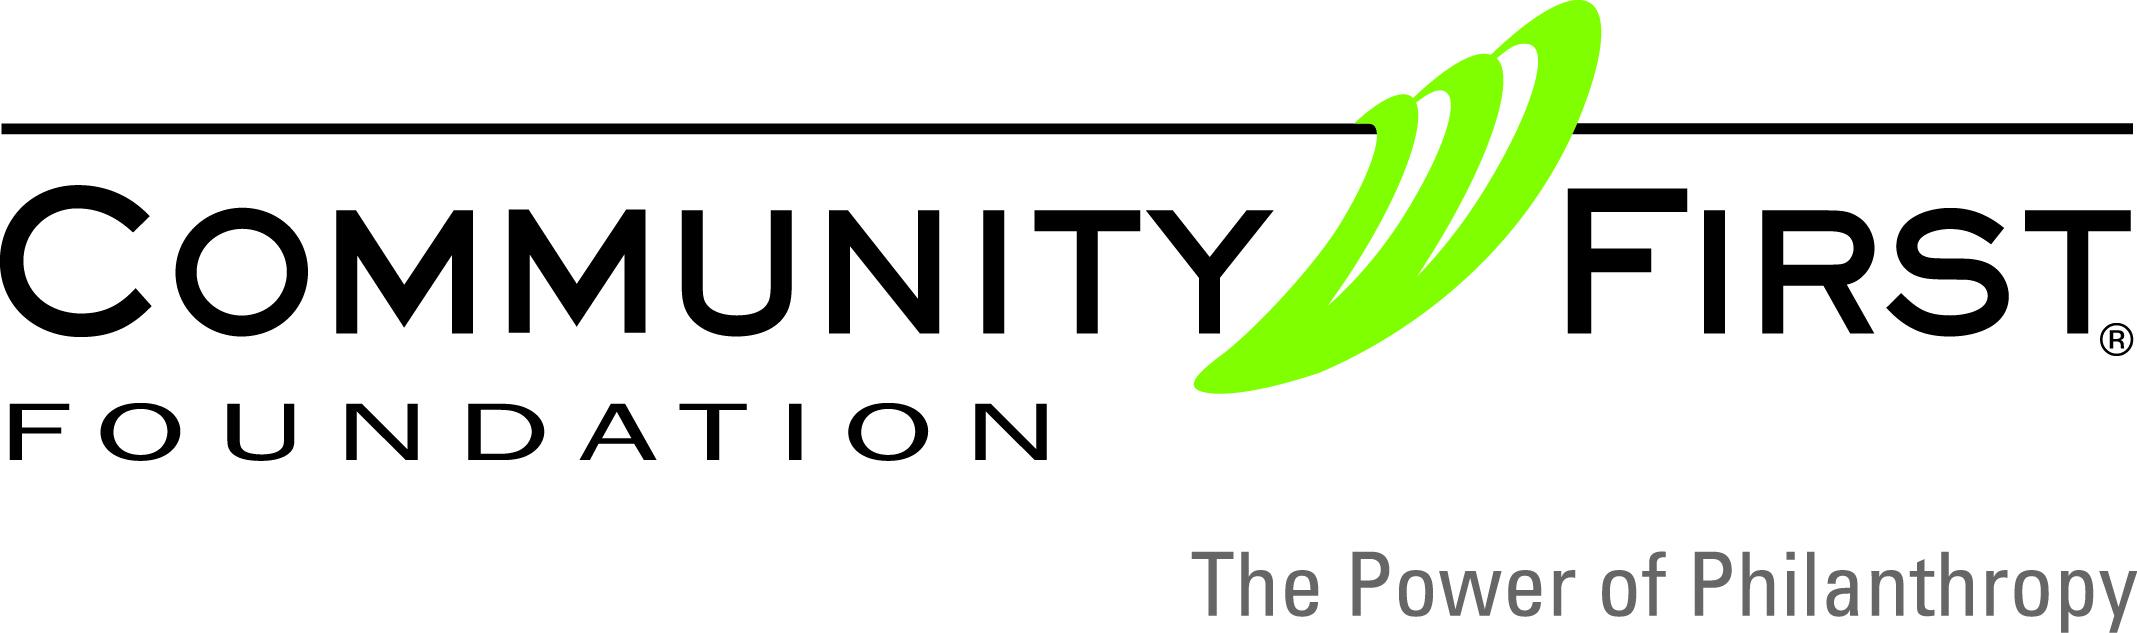 Community-First-Foundation_RGB